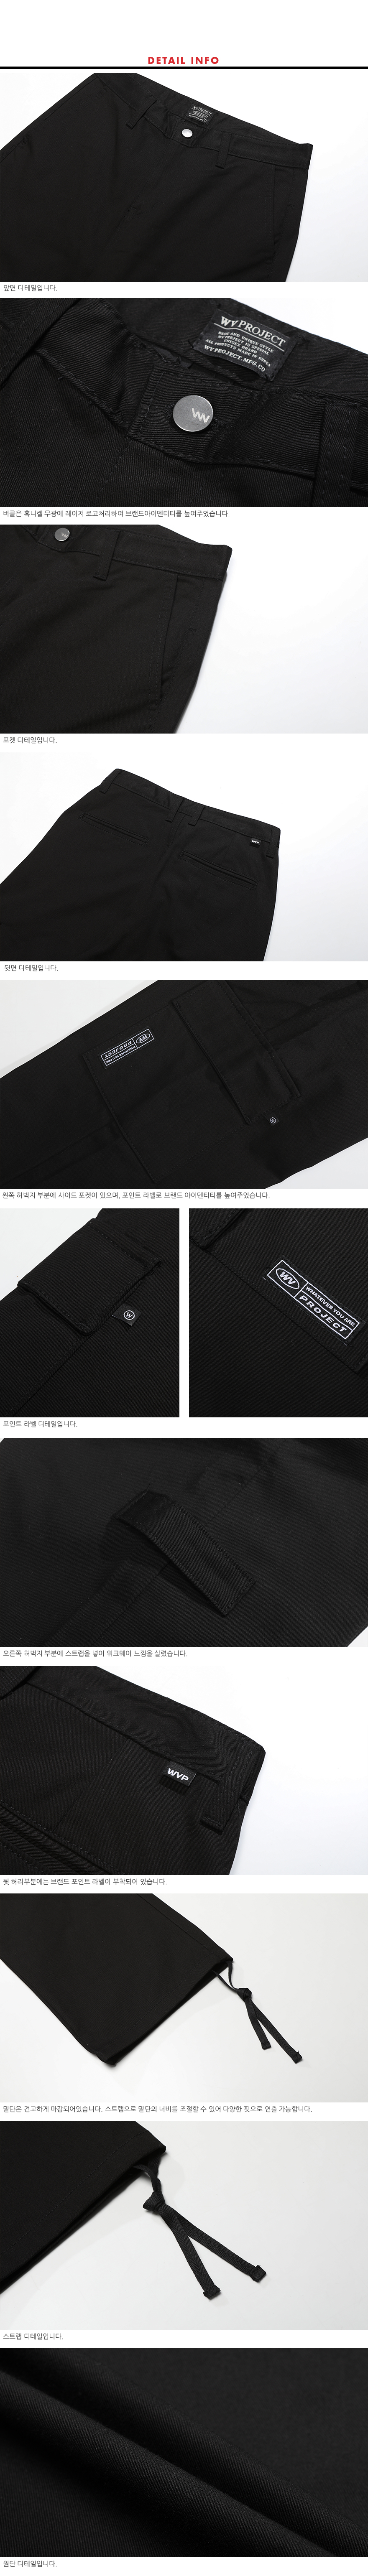 [더블유브이프로젝트] 와이드 치노팬츠 블랙 CRLP7330